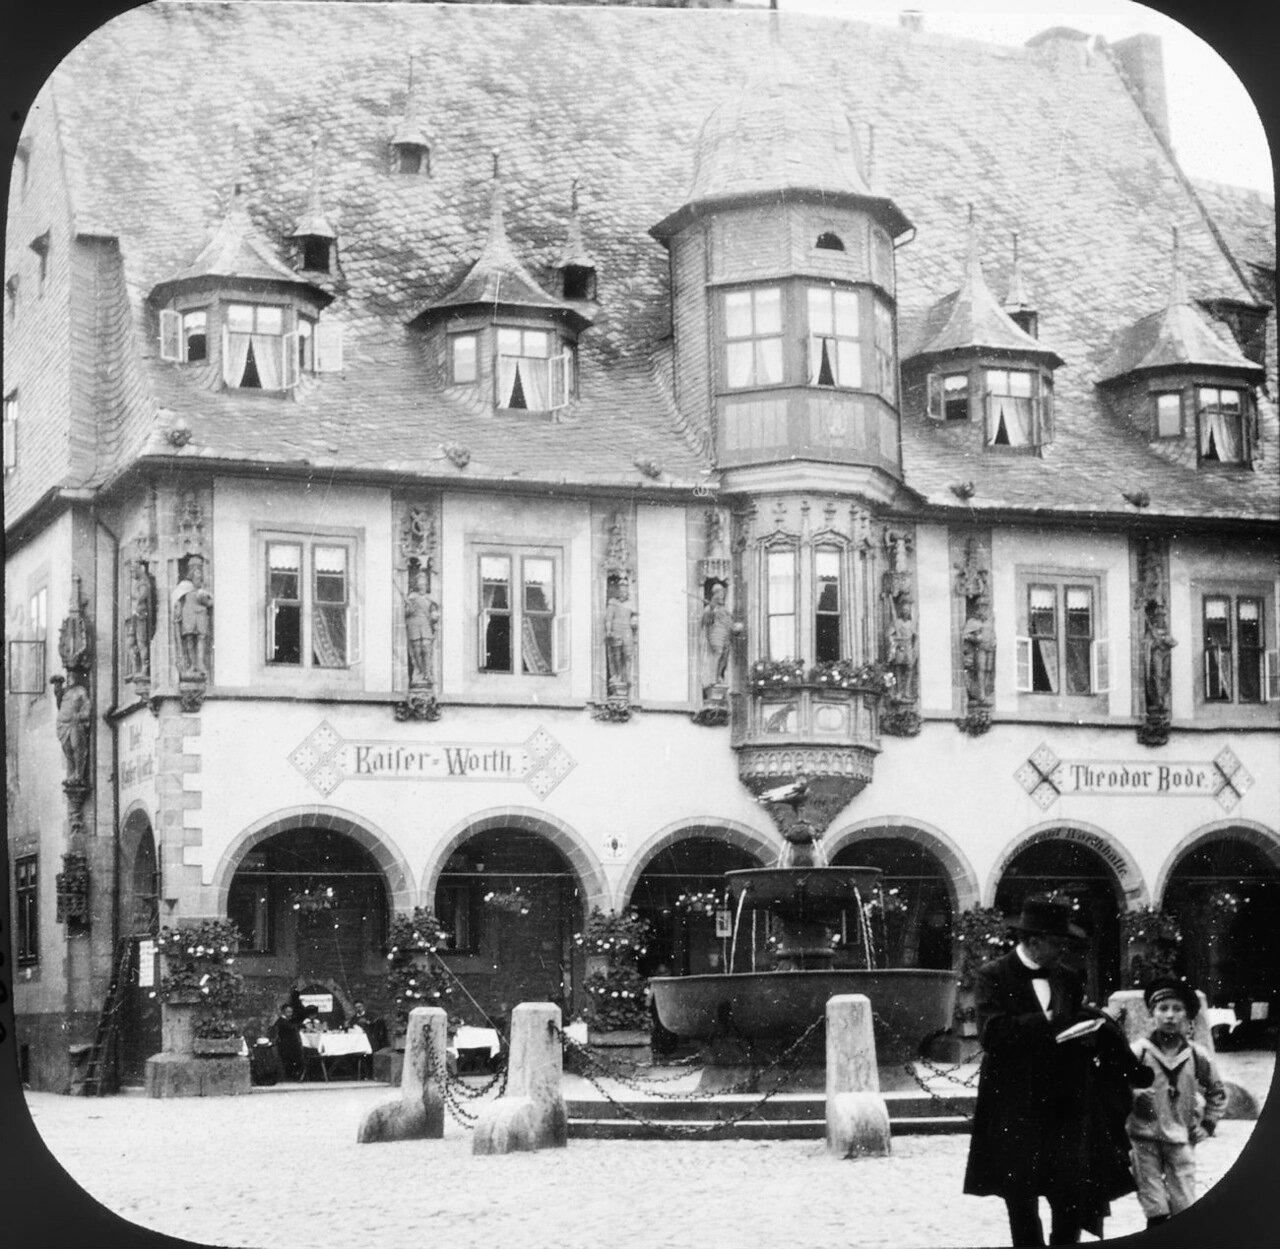 Гослар. Отель Кайзерворт, 1907